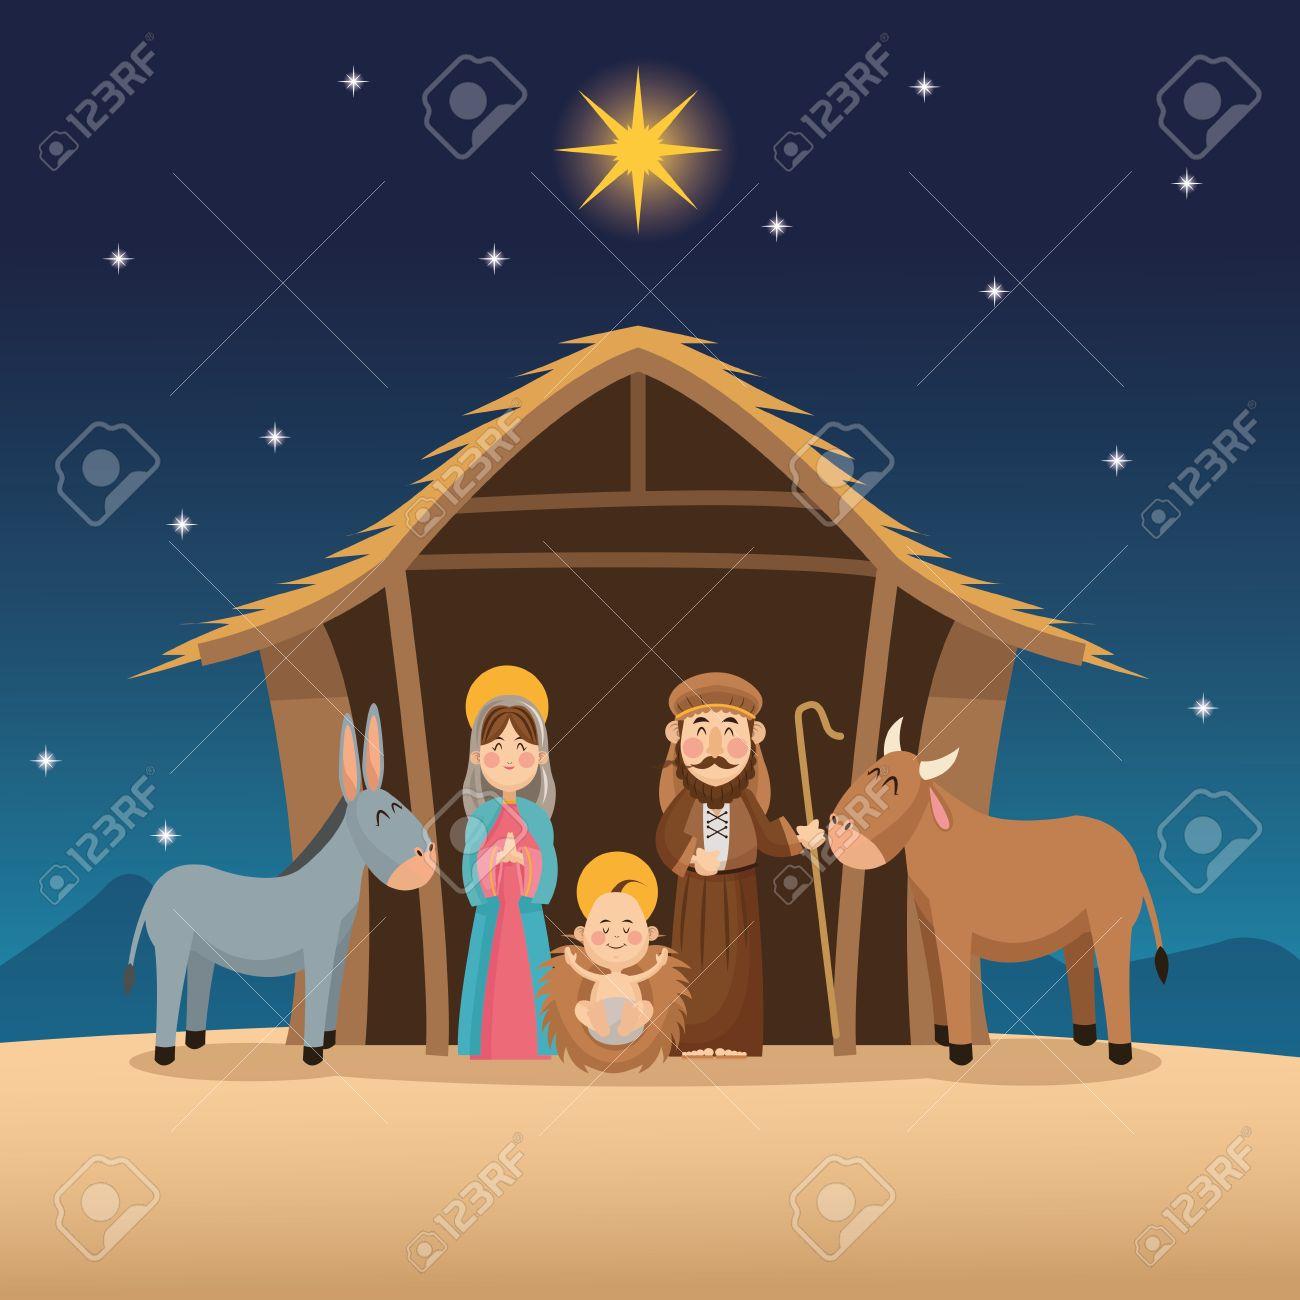 Immagini Di Natale Sacra Famiglia.Gesu Bambino Maria E Icona Dei Cartoni Animati Giuseppe Sacra Famiglia E Merry Tema Natale Stagione Design Colorato Illustrazione Di Vettore